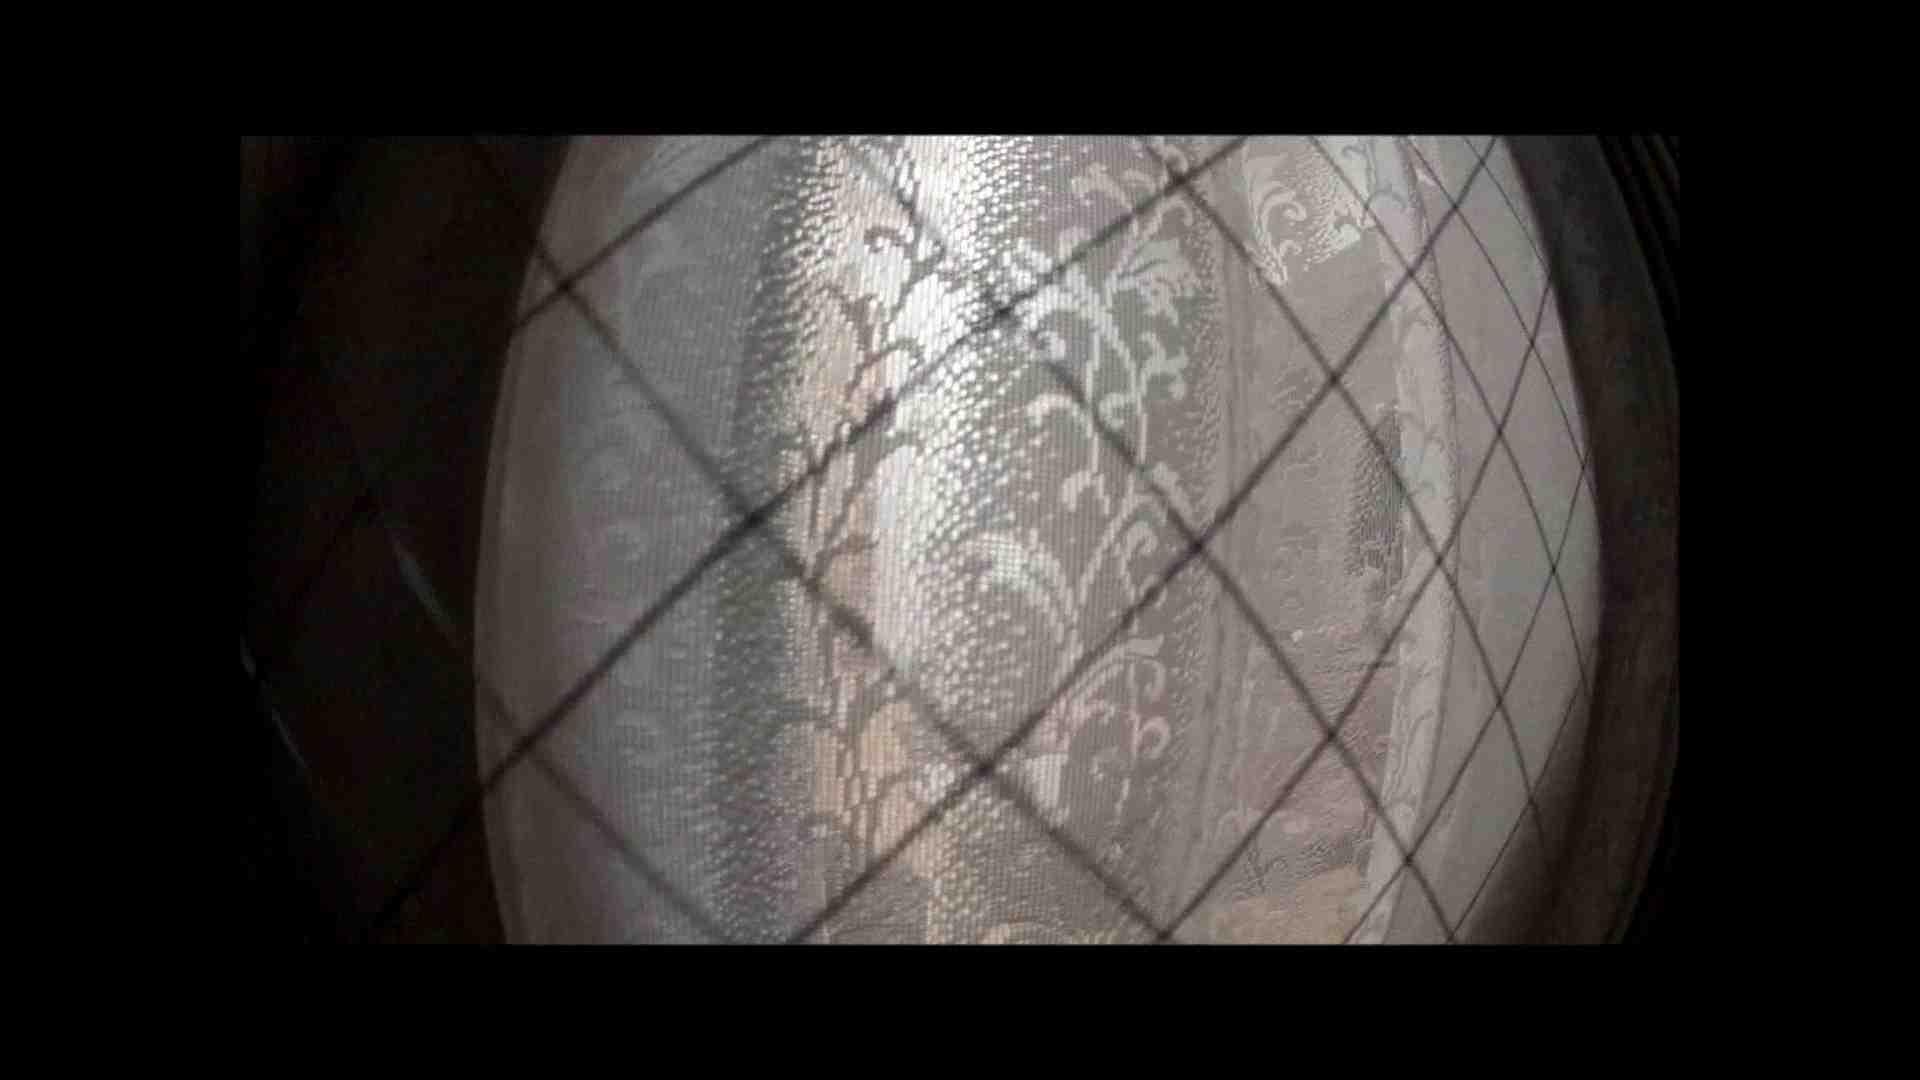 【04】別の日・・・魚眼レンズで広角に撮れました。 マンコ満開 えろ無修正画像 80PIX 18